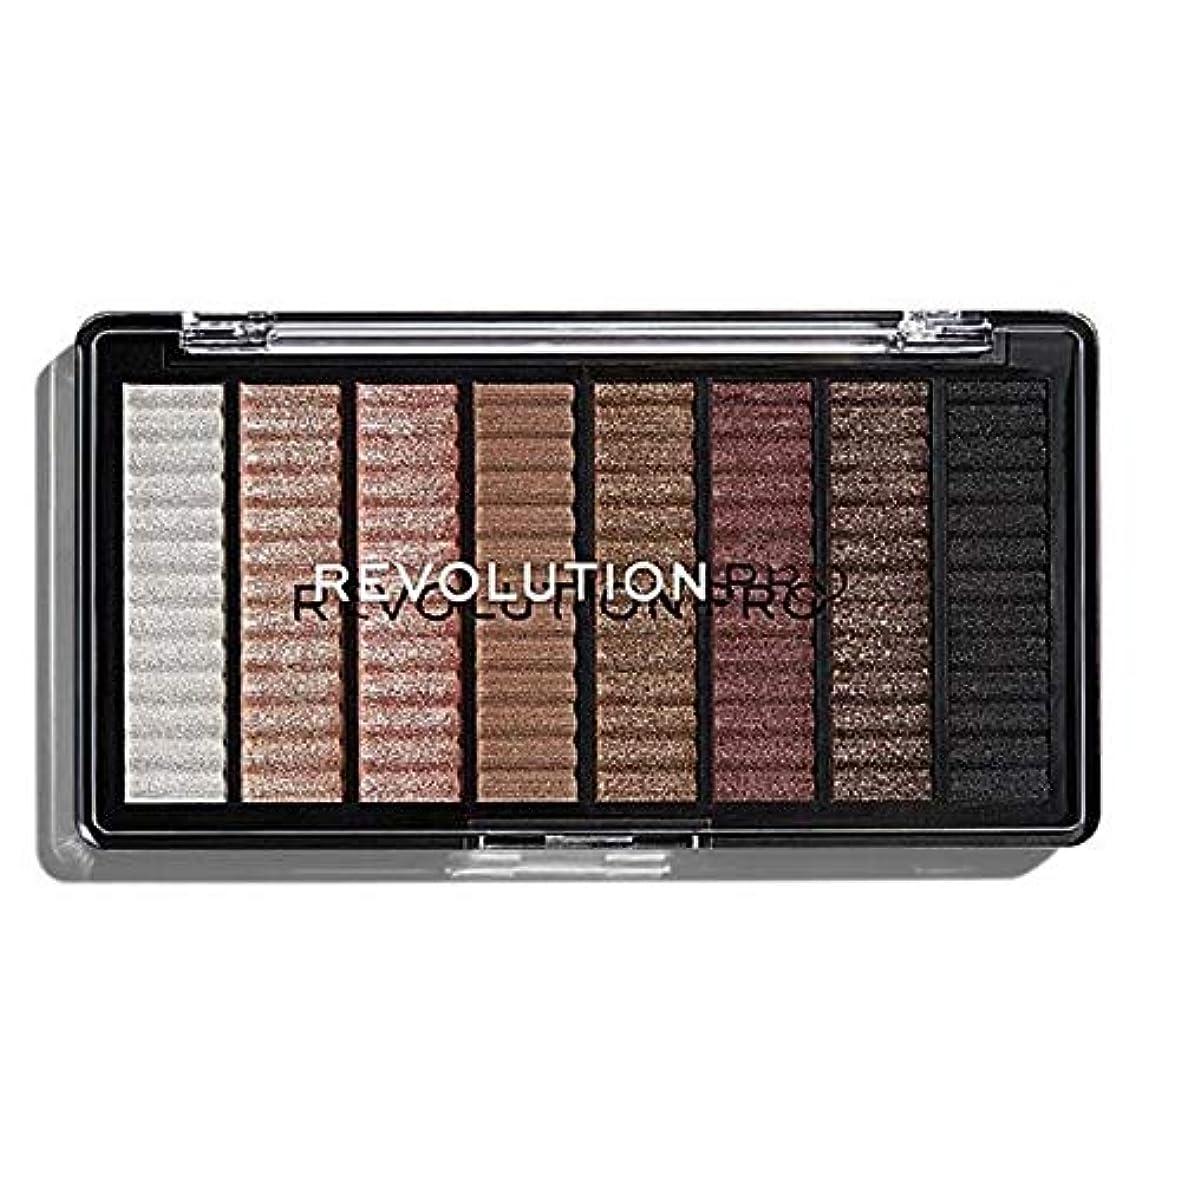 ジュラシックパーク甘味パンチ[Revolution ] 革命プロ最高のCaptivateアイシャドウパレット - Revolution Pro Supreme Captivate Eye Shadow Palette [並行輸入品]